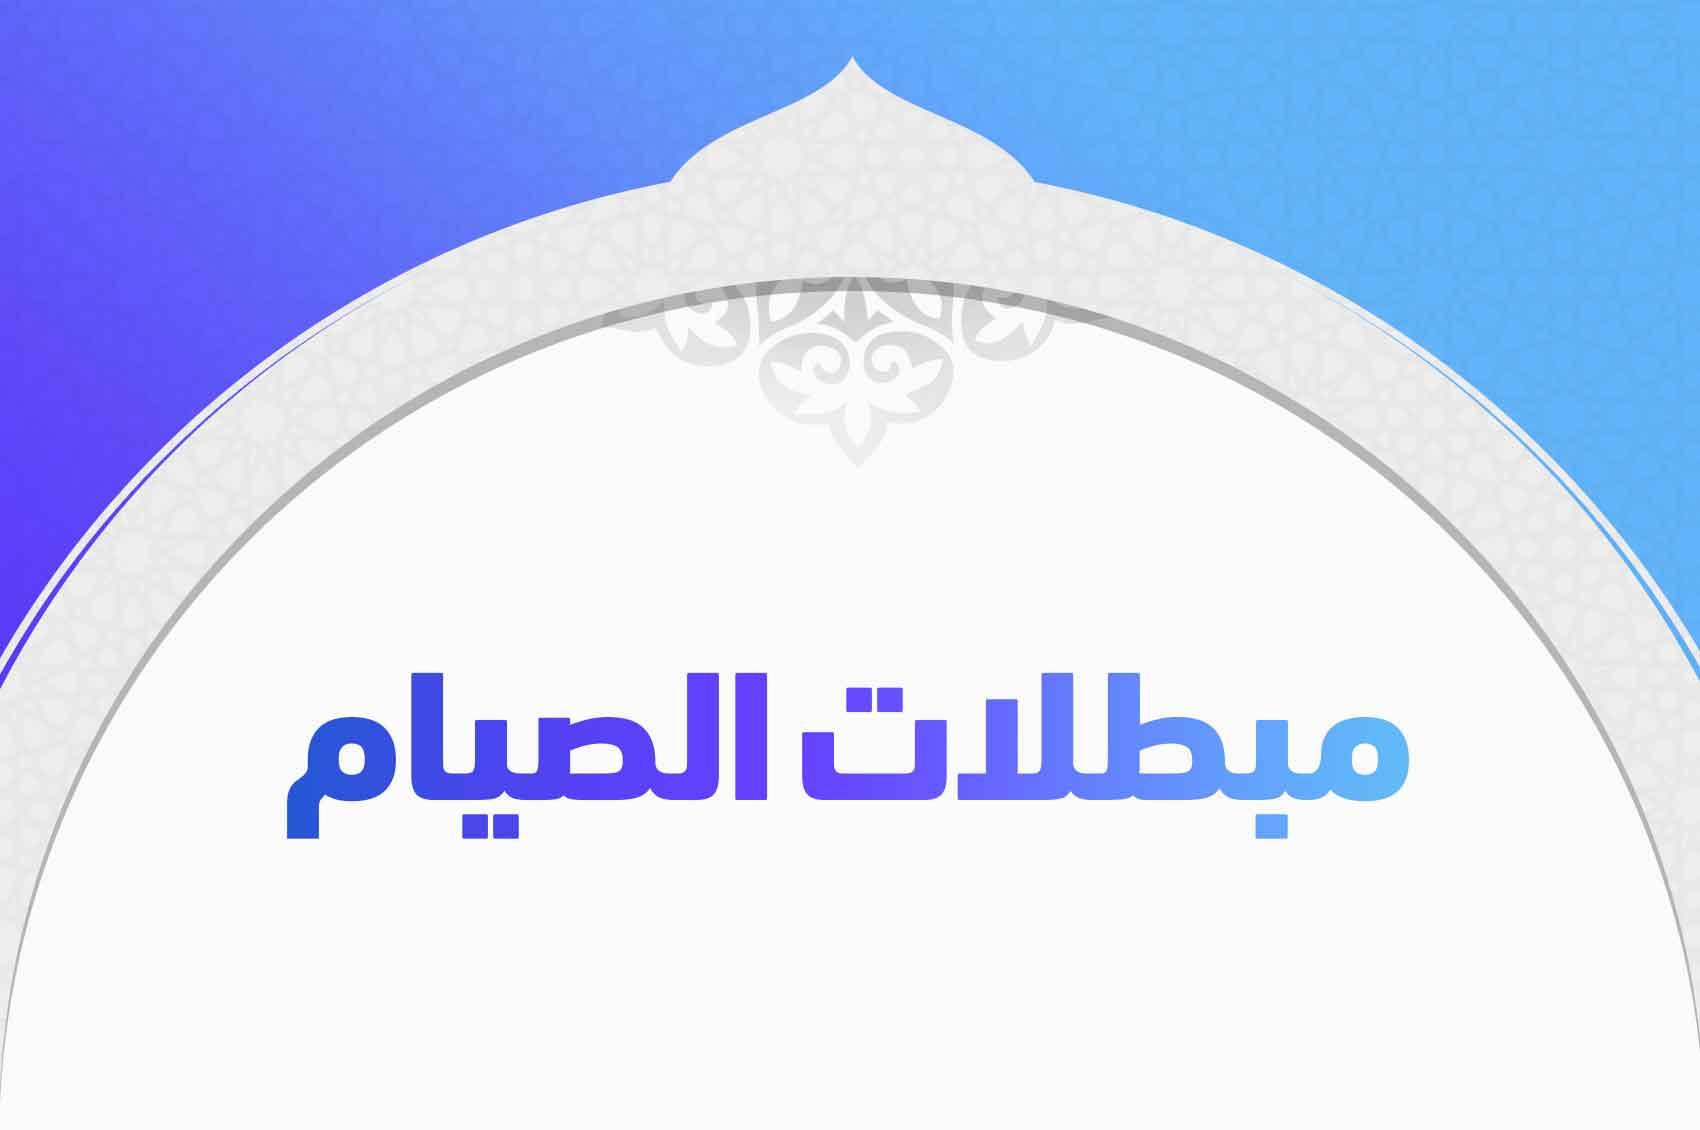 مبطلات الصيام والمفطرات في رمضان تريندات